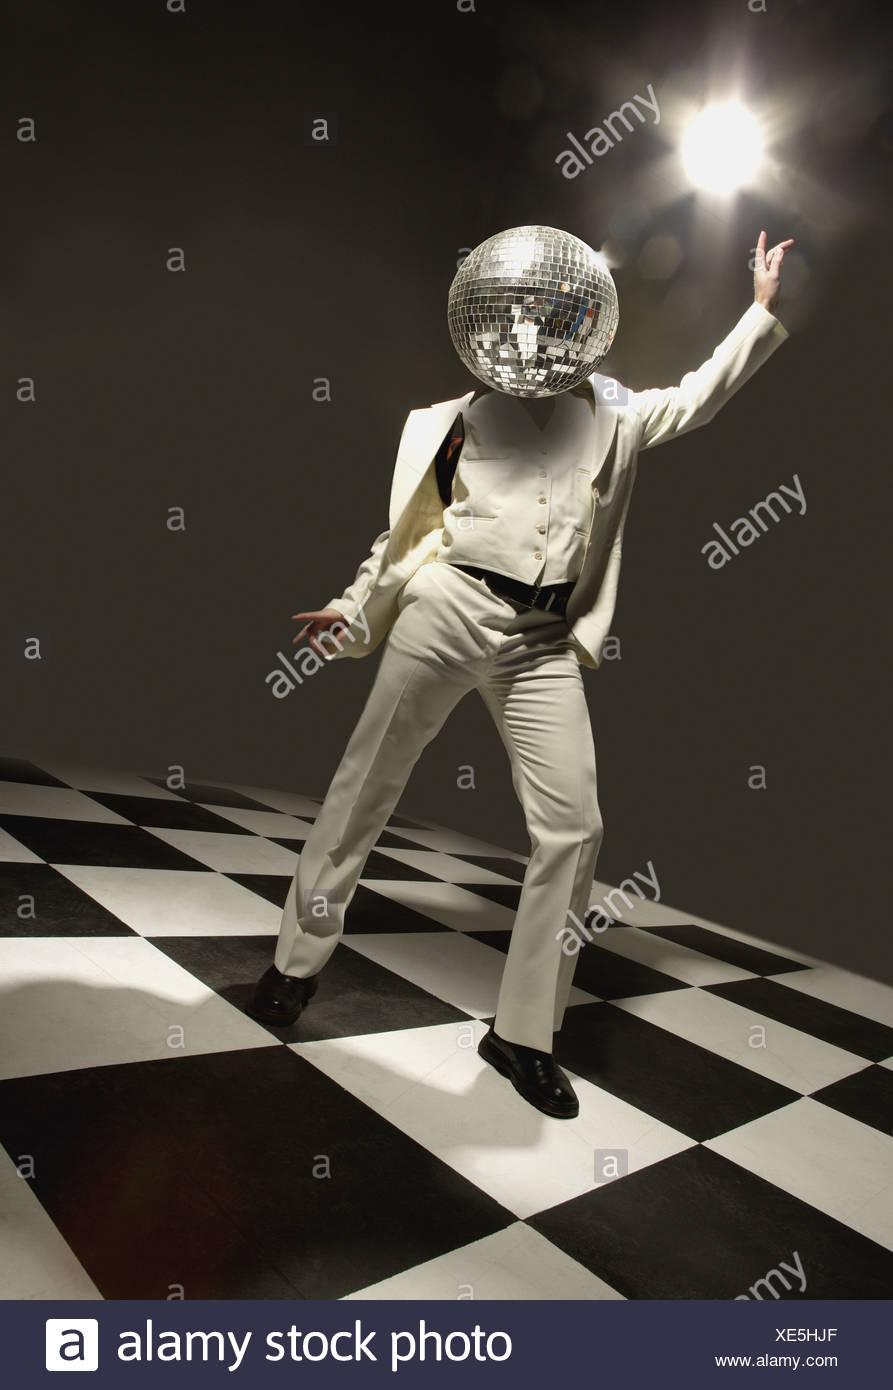 Ballerino in discoteca con palla da discoteca per la testa Immagini Stock